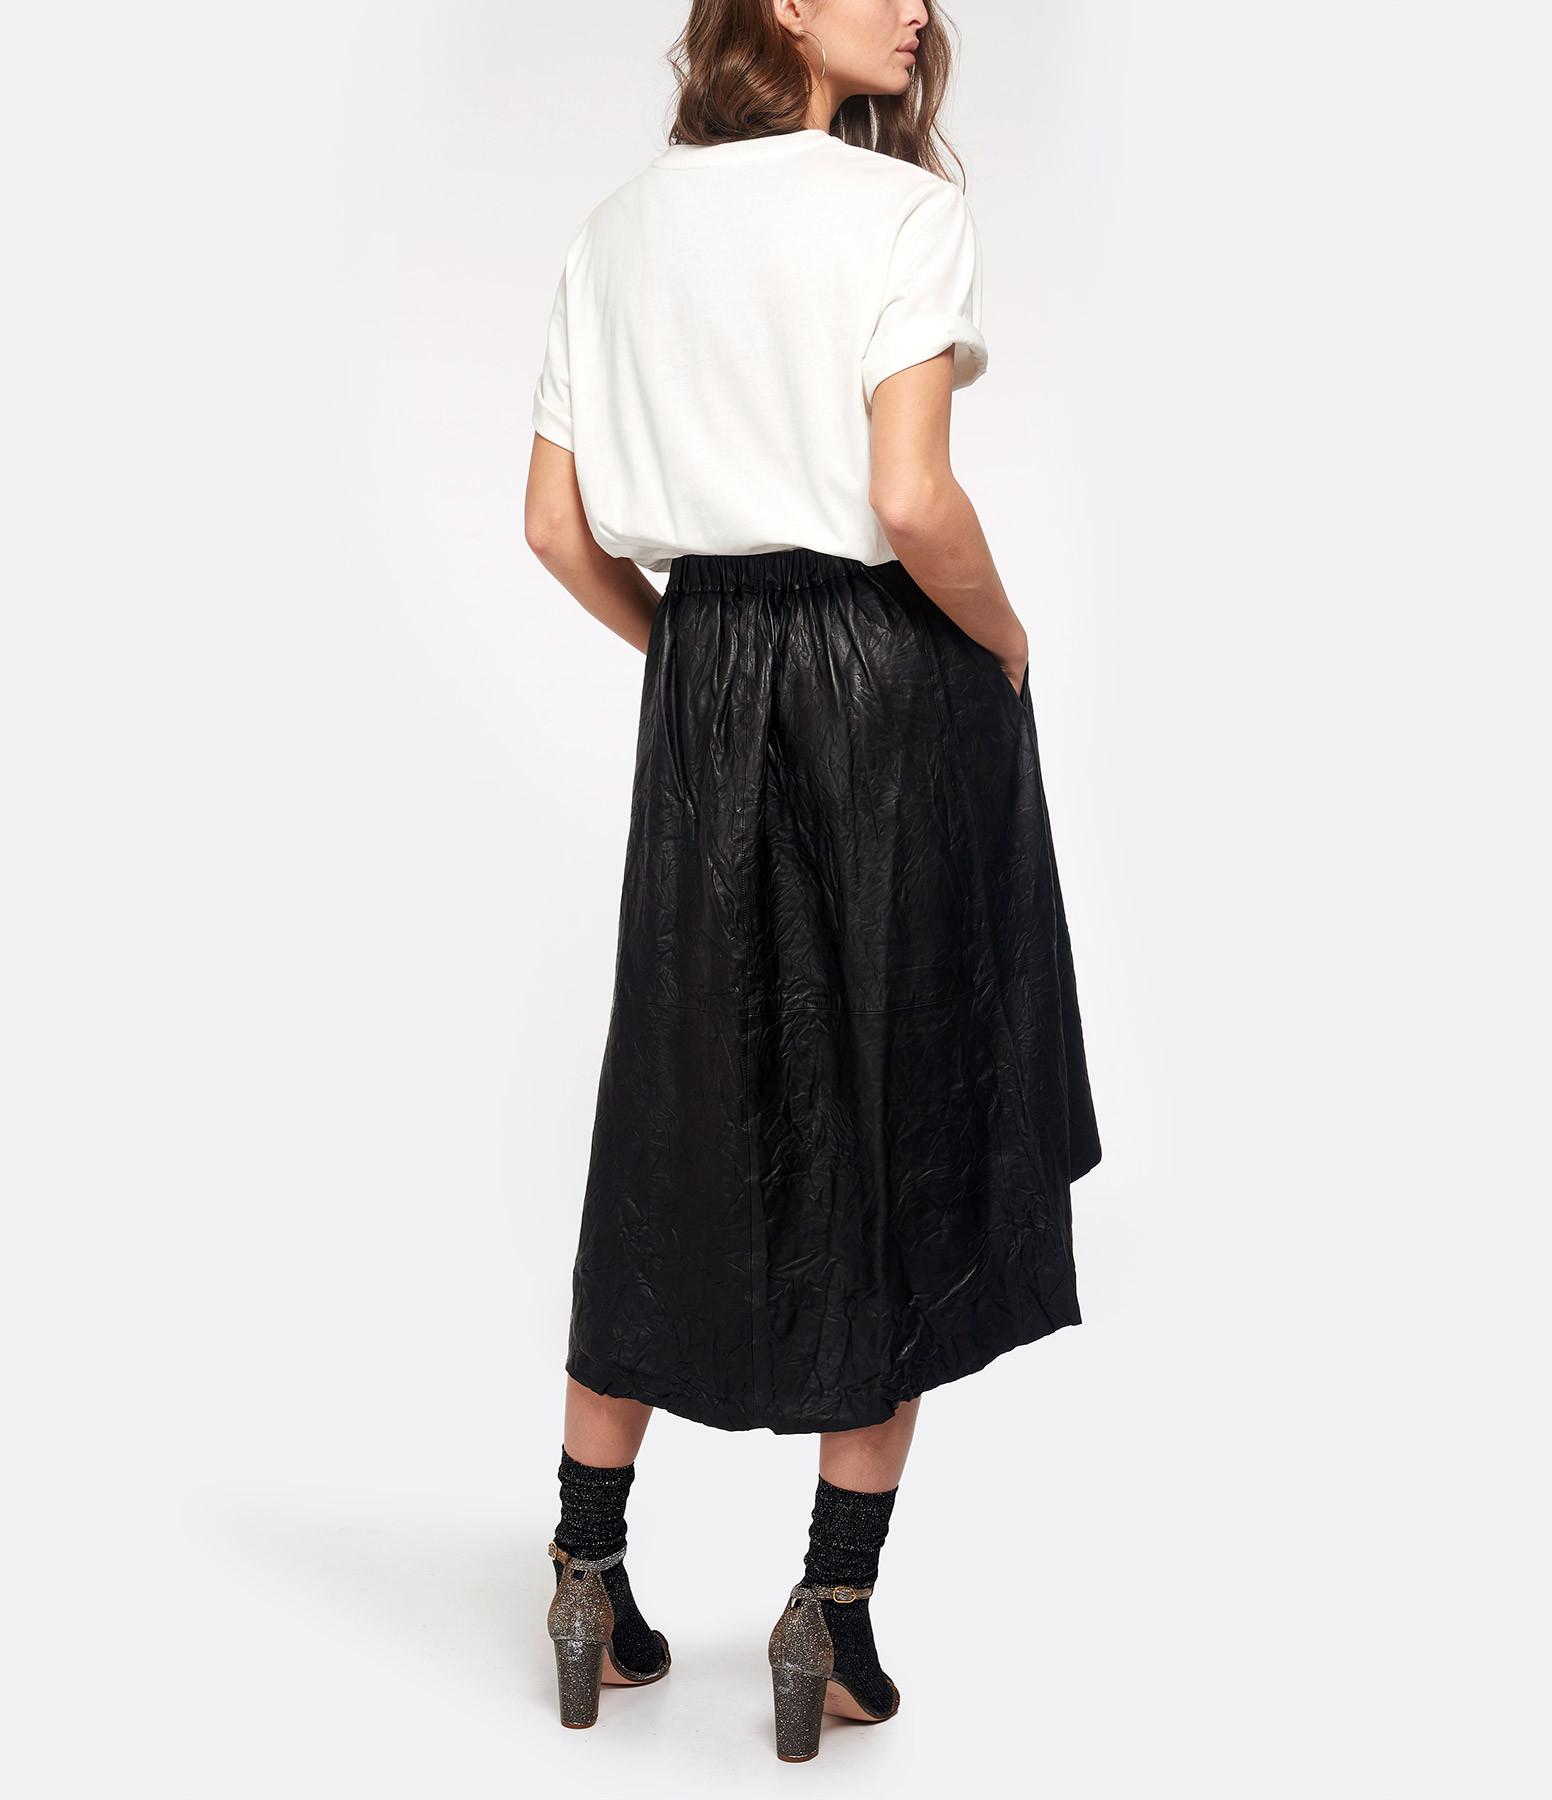 ALEXA CHUNG - Tee-shirt Oversize Ivoire